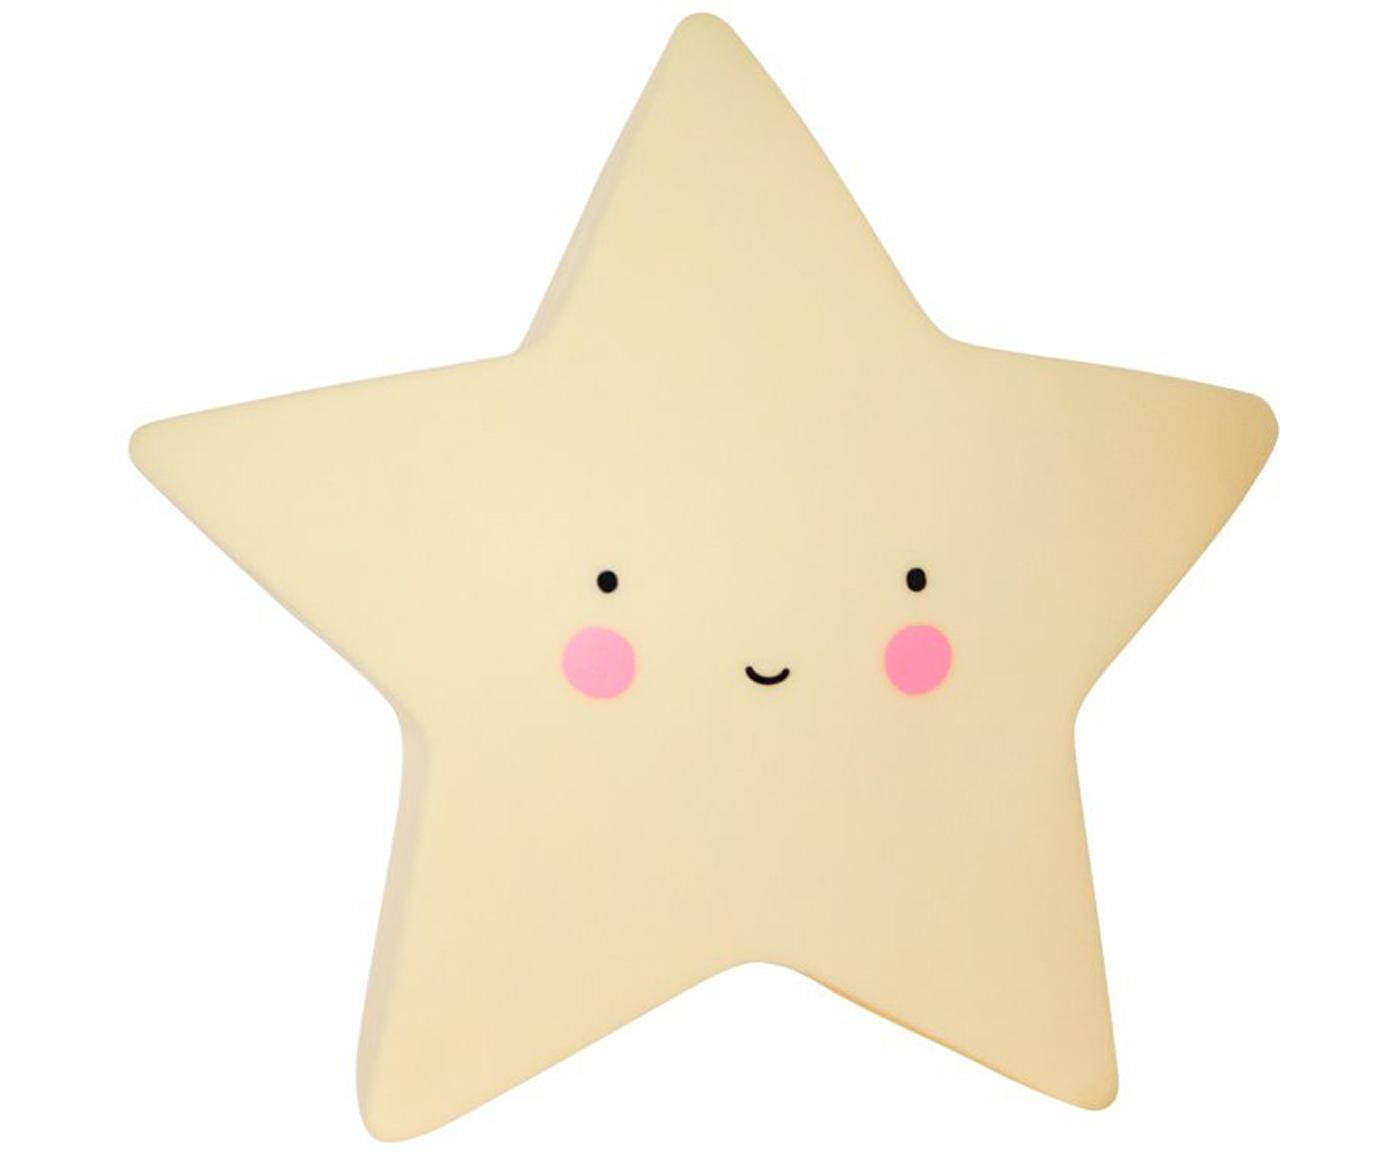 Lámpara decorativa LED Star, con temporizador, Plástico, Amarillo, negro, rosa, An 14 x Al 14 cm